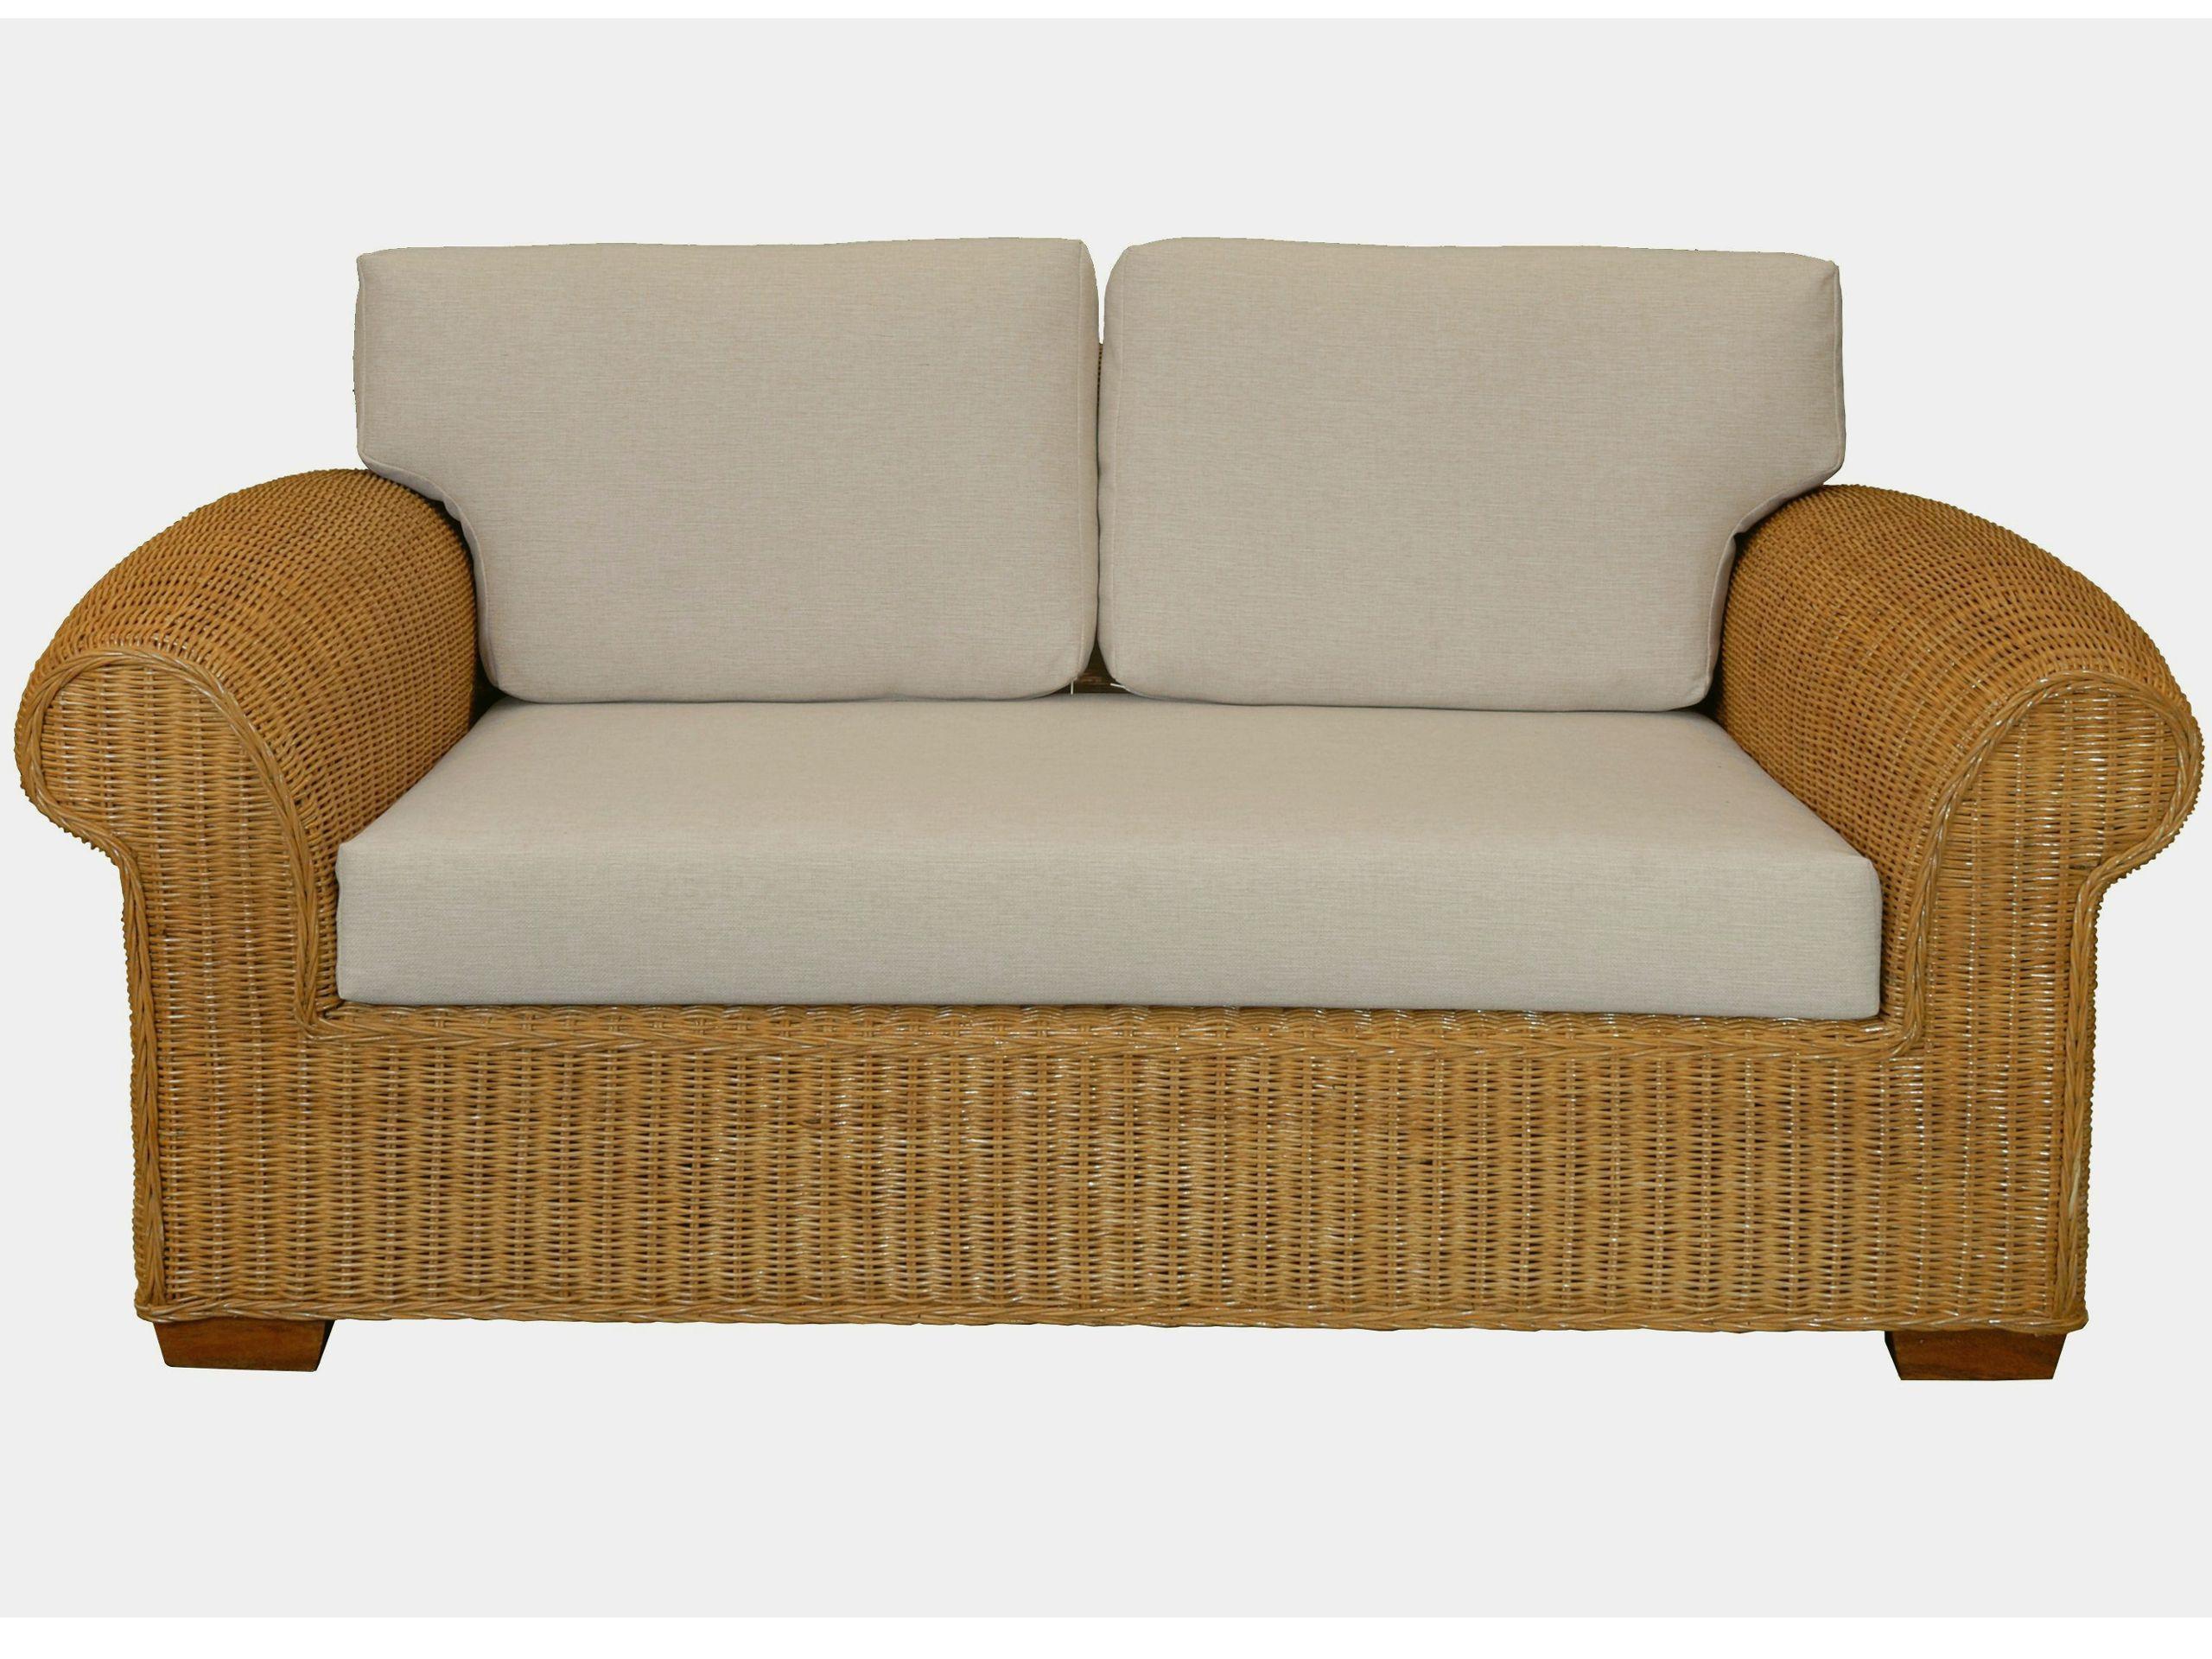 Sofa Chester zweisitzer Honig | Rattan